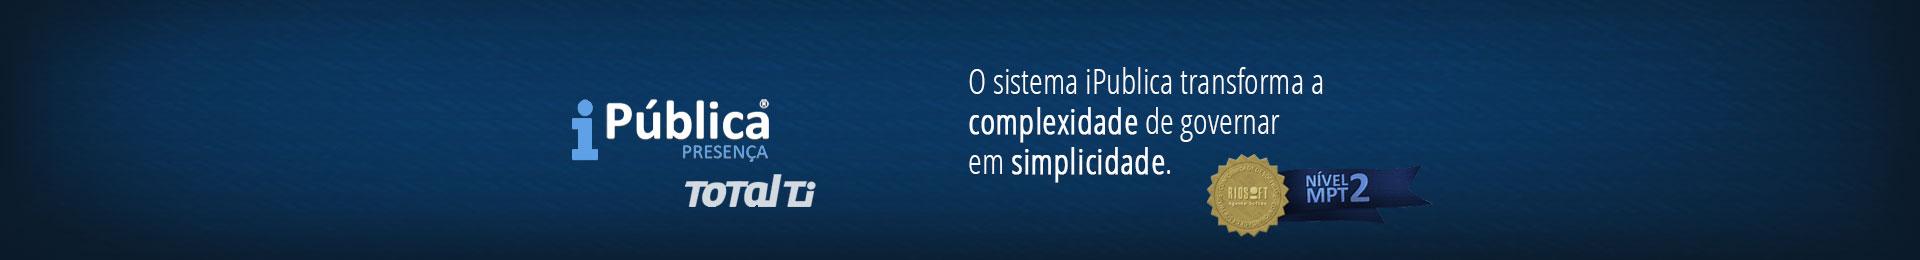 Banner do iPública que transforma a complexidade de governar em simplicidade